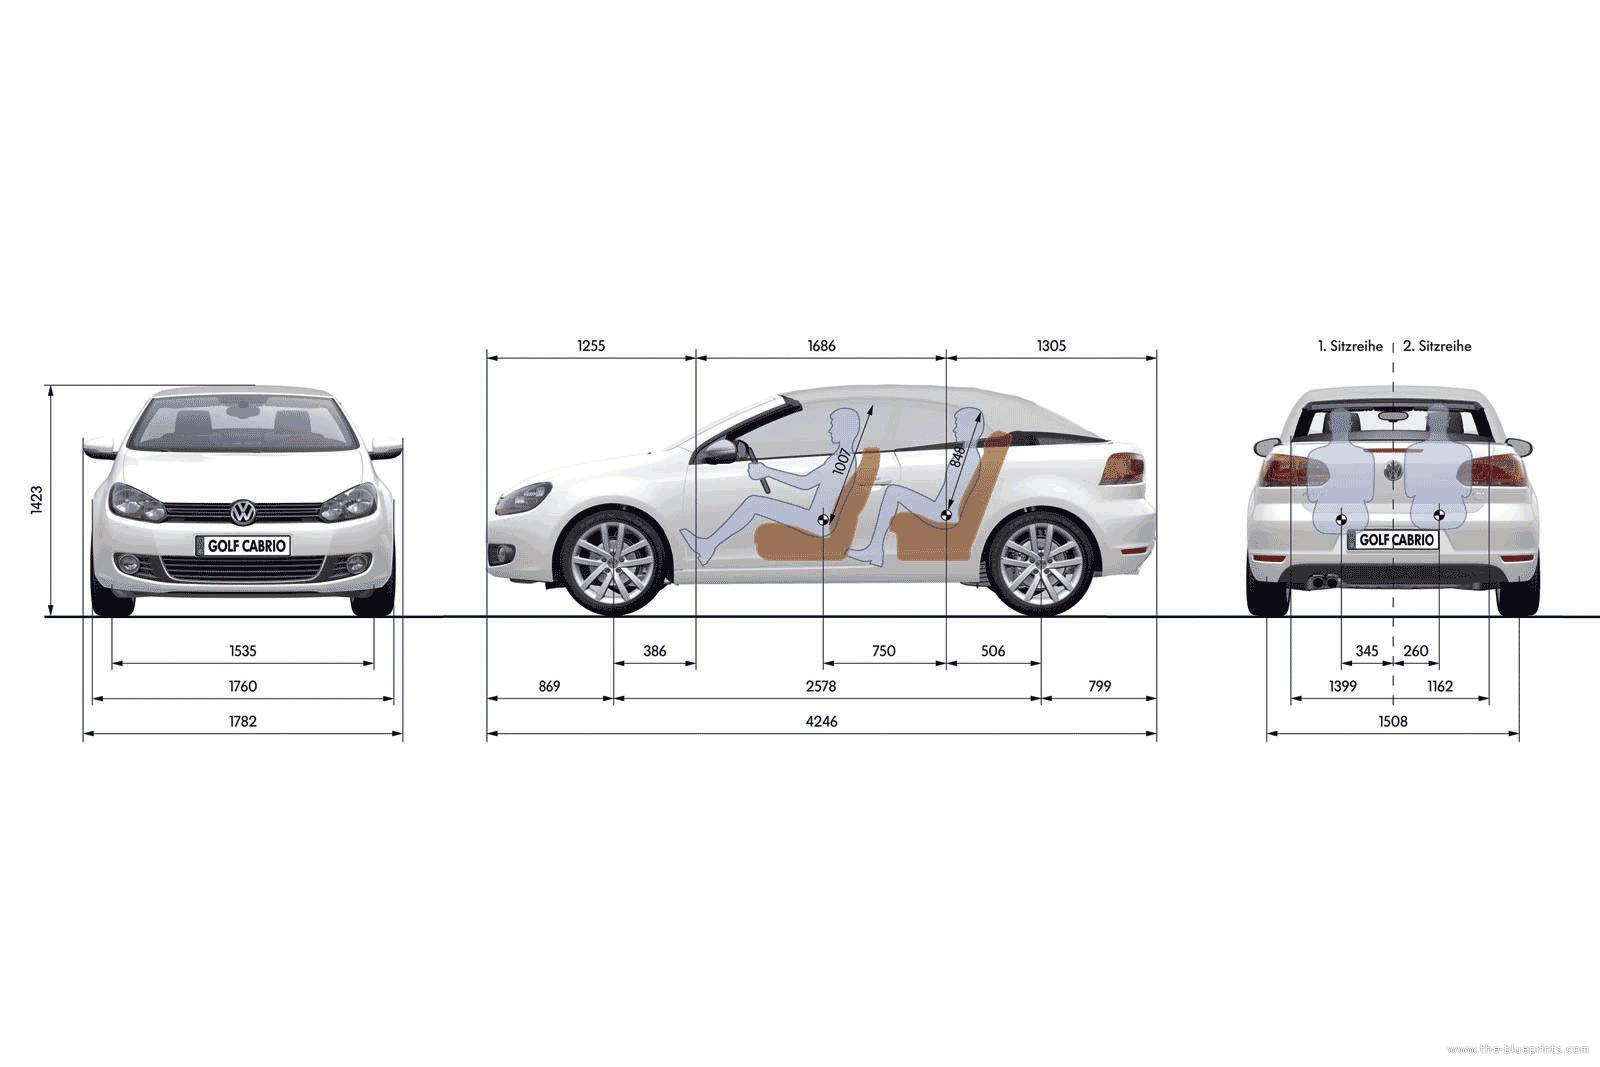 Blueprints Gt Cars Gt Volkswagen Gt Volkswagen Golf Vi Cabrio